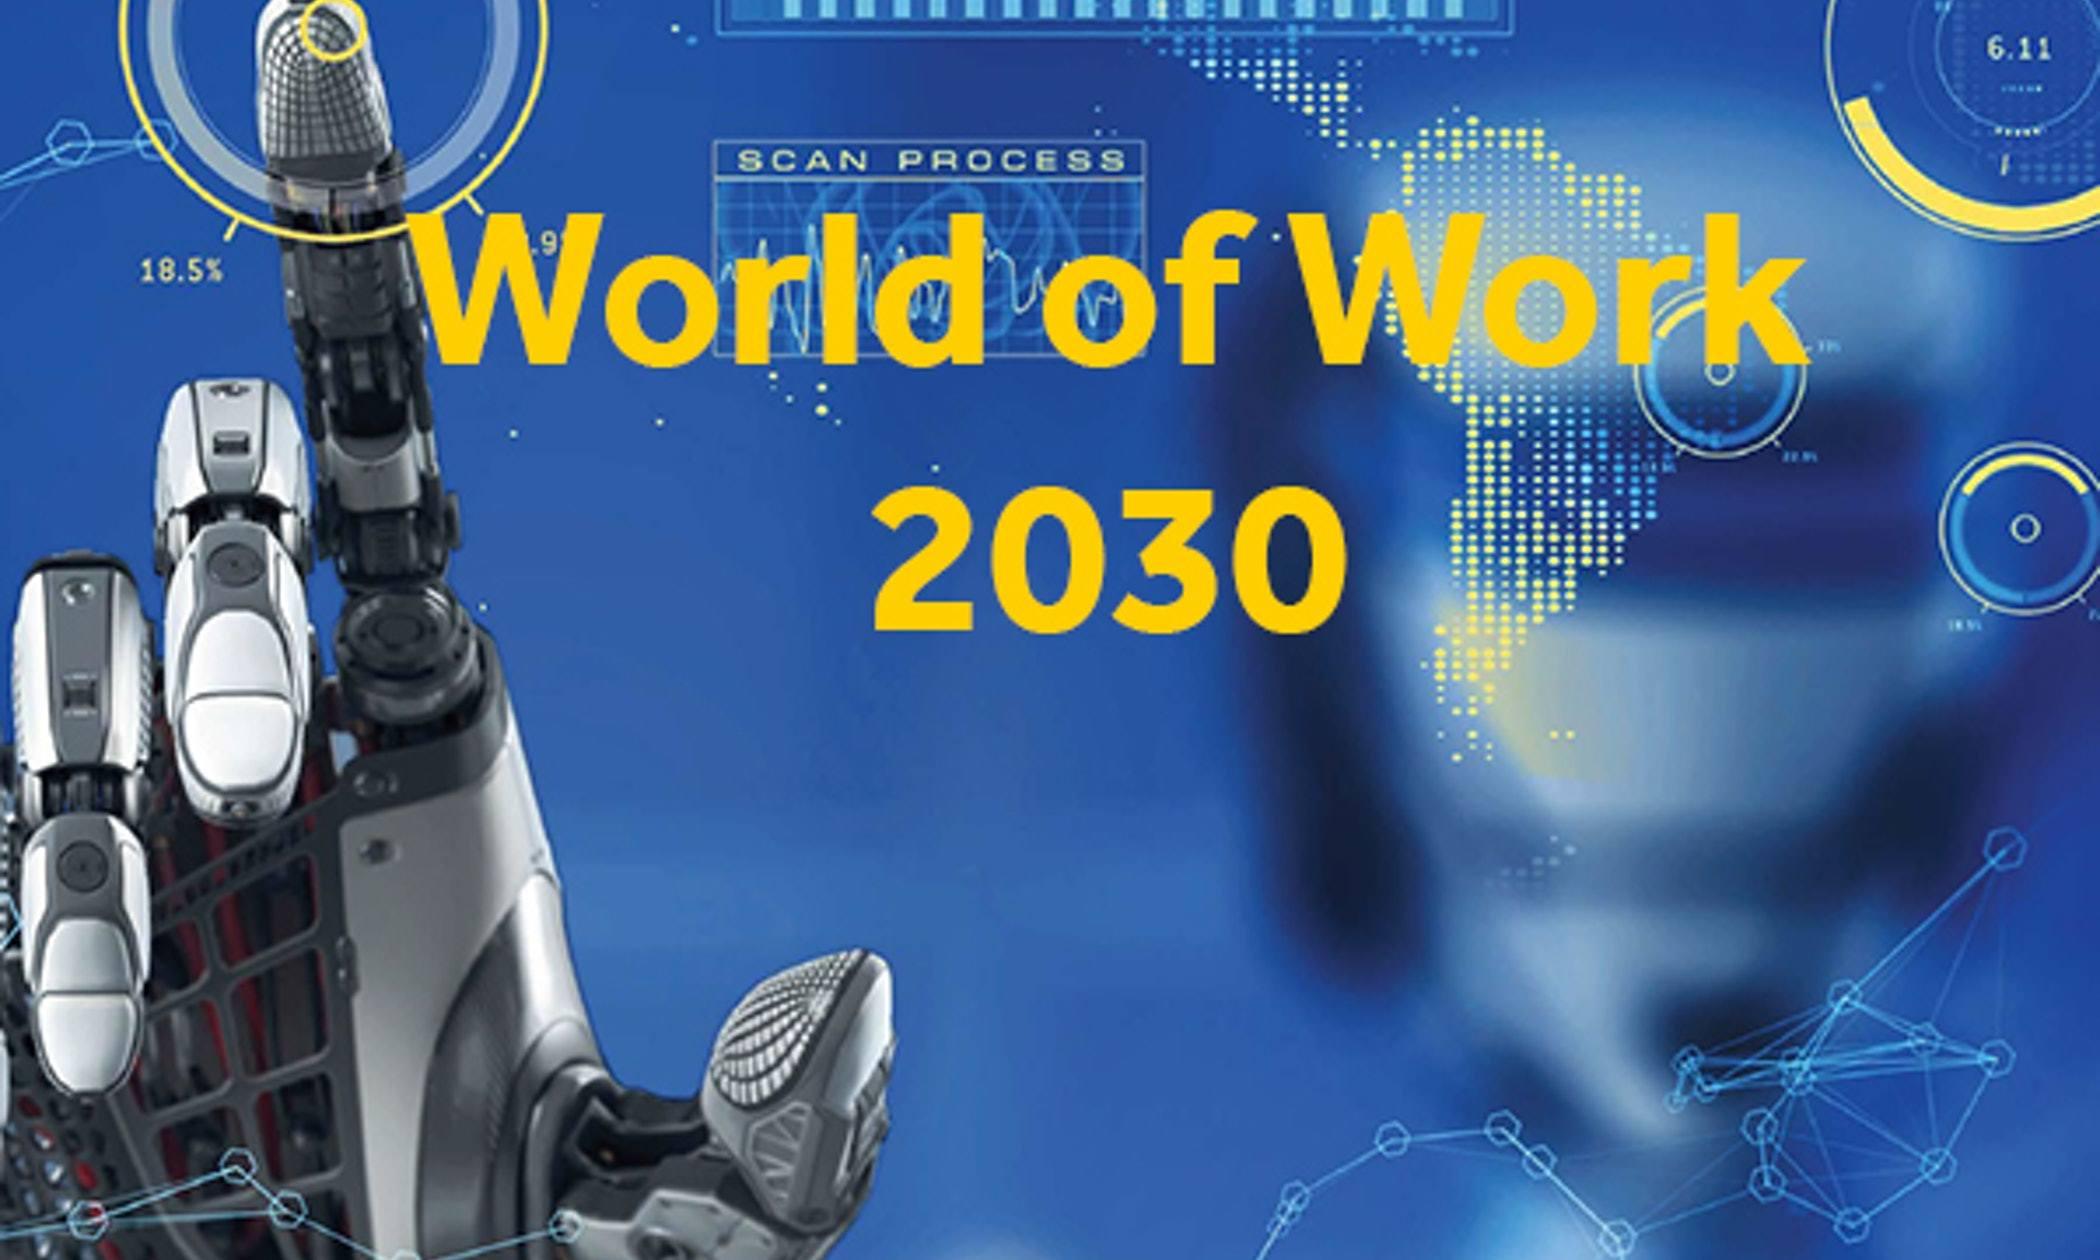 Hero wow 2030